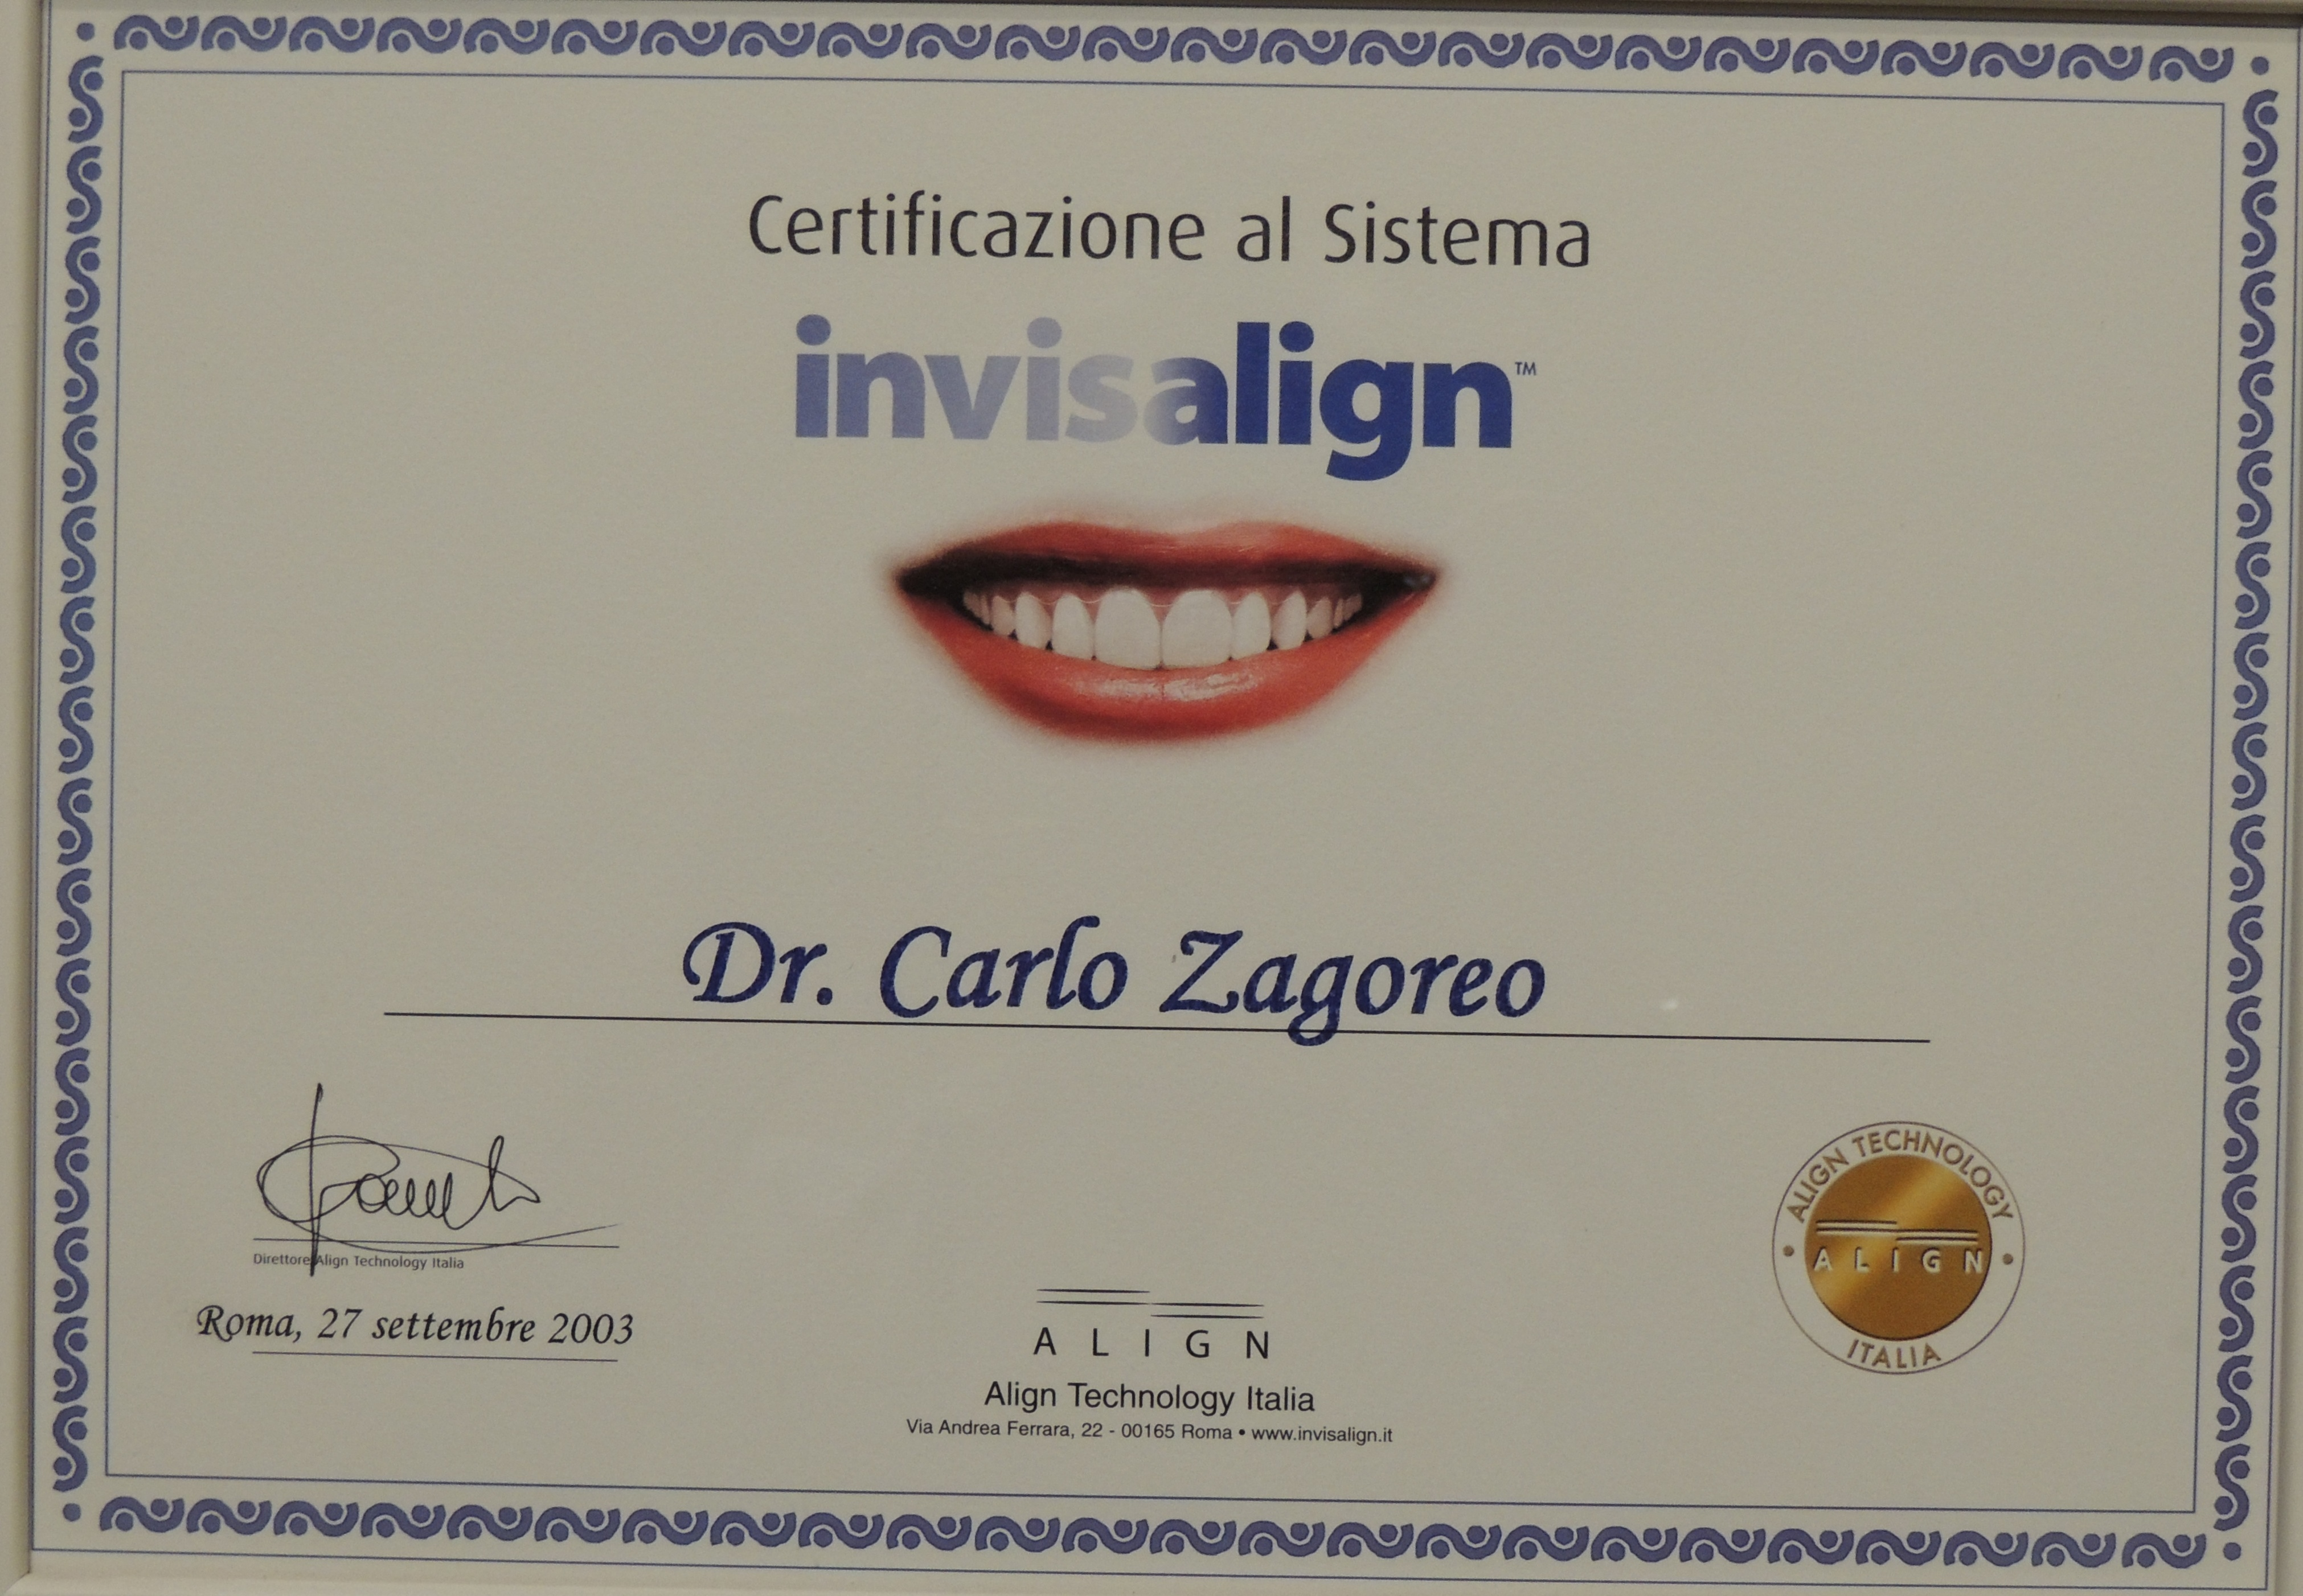 Certificazione Invisalign 2003